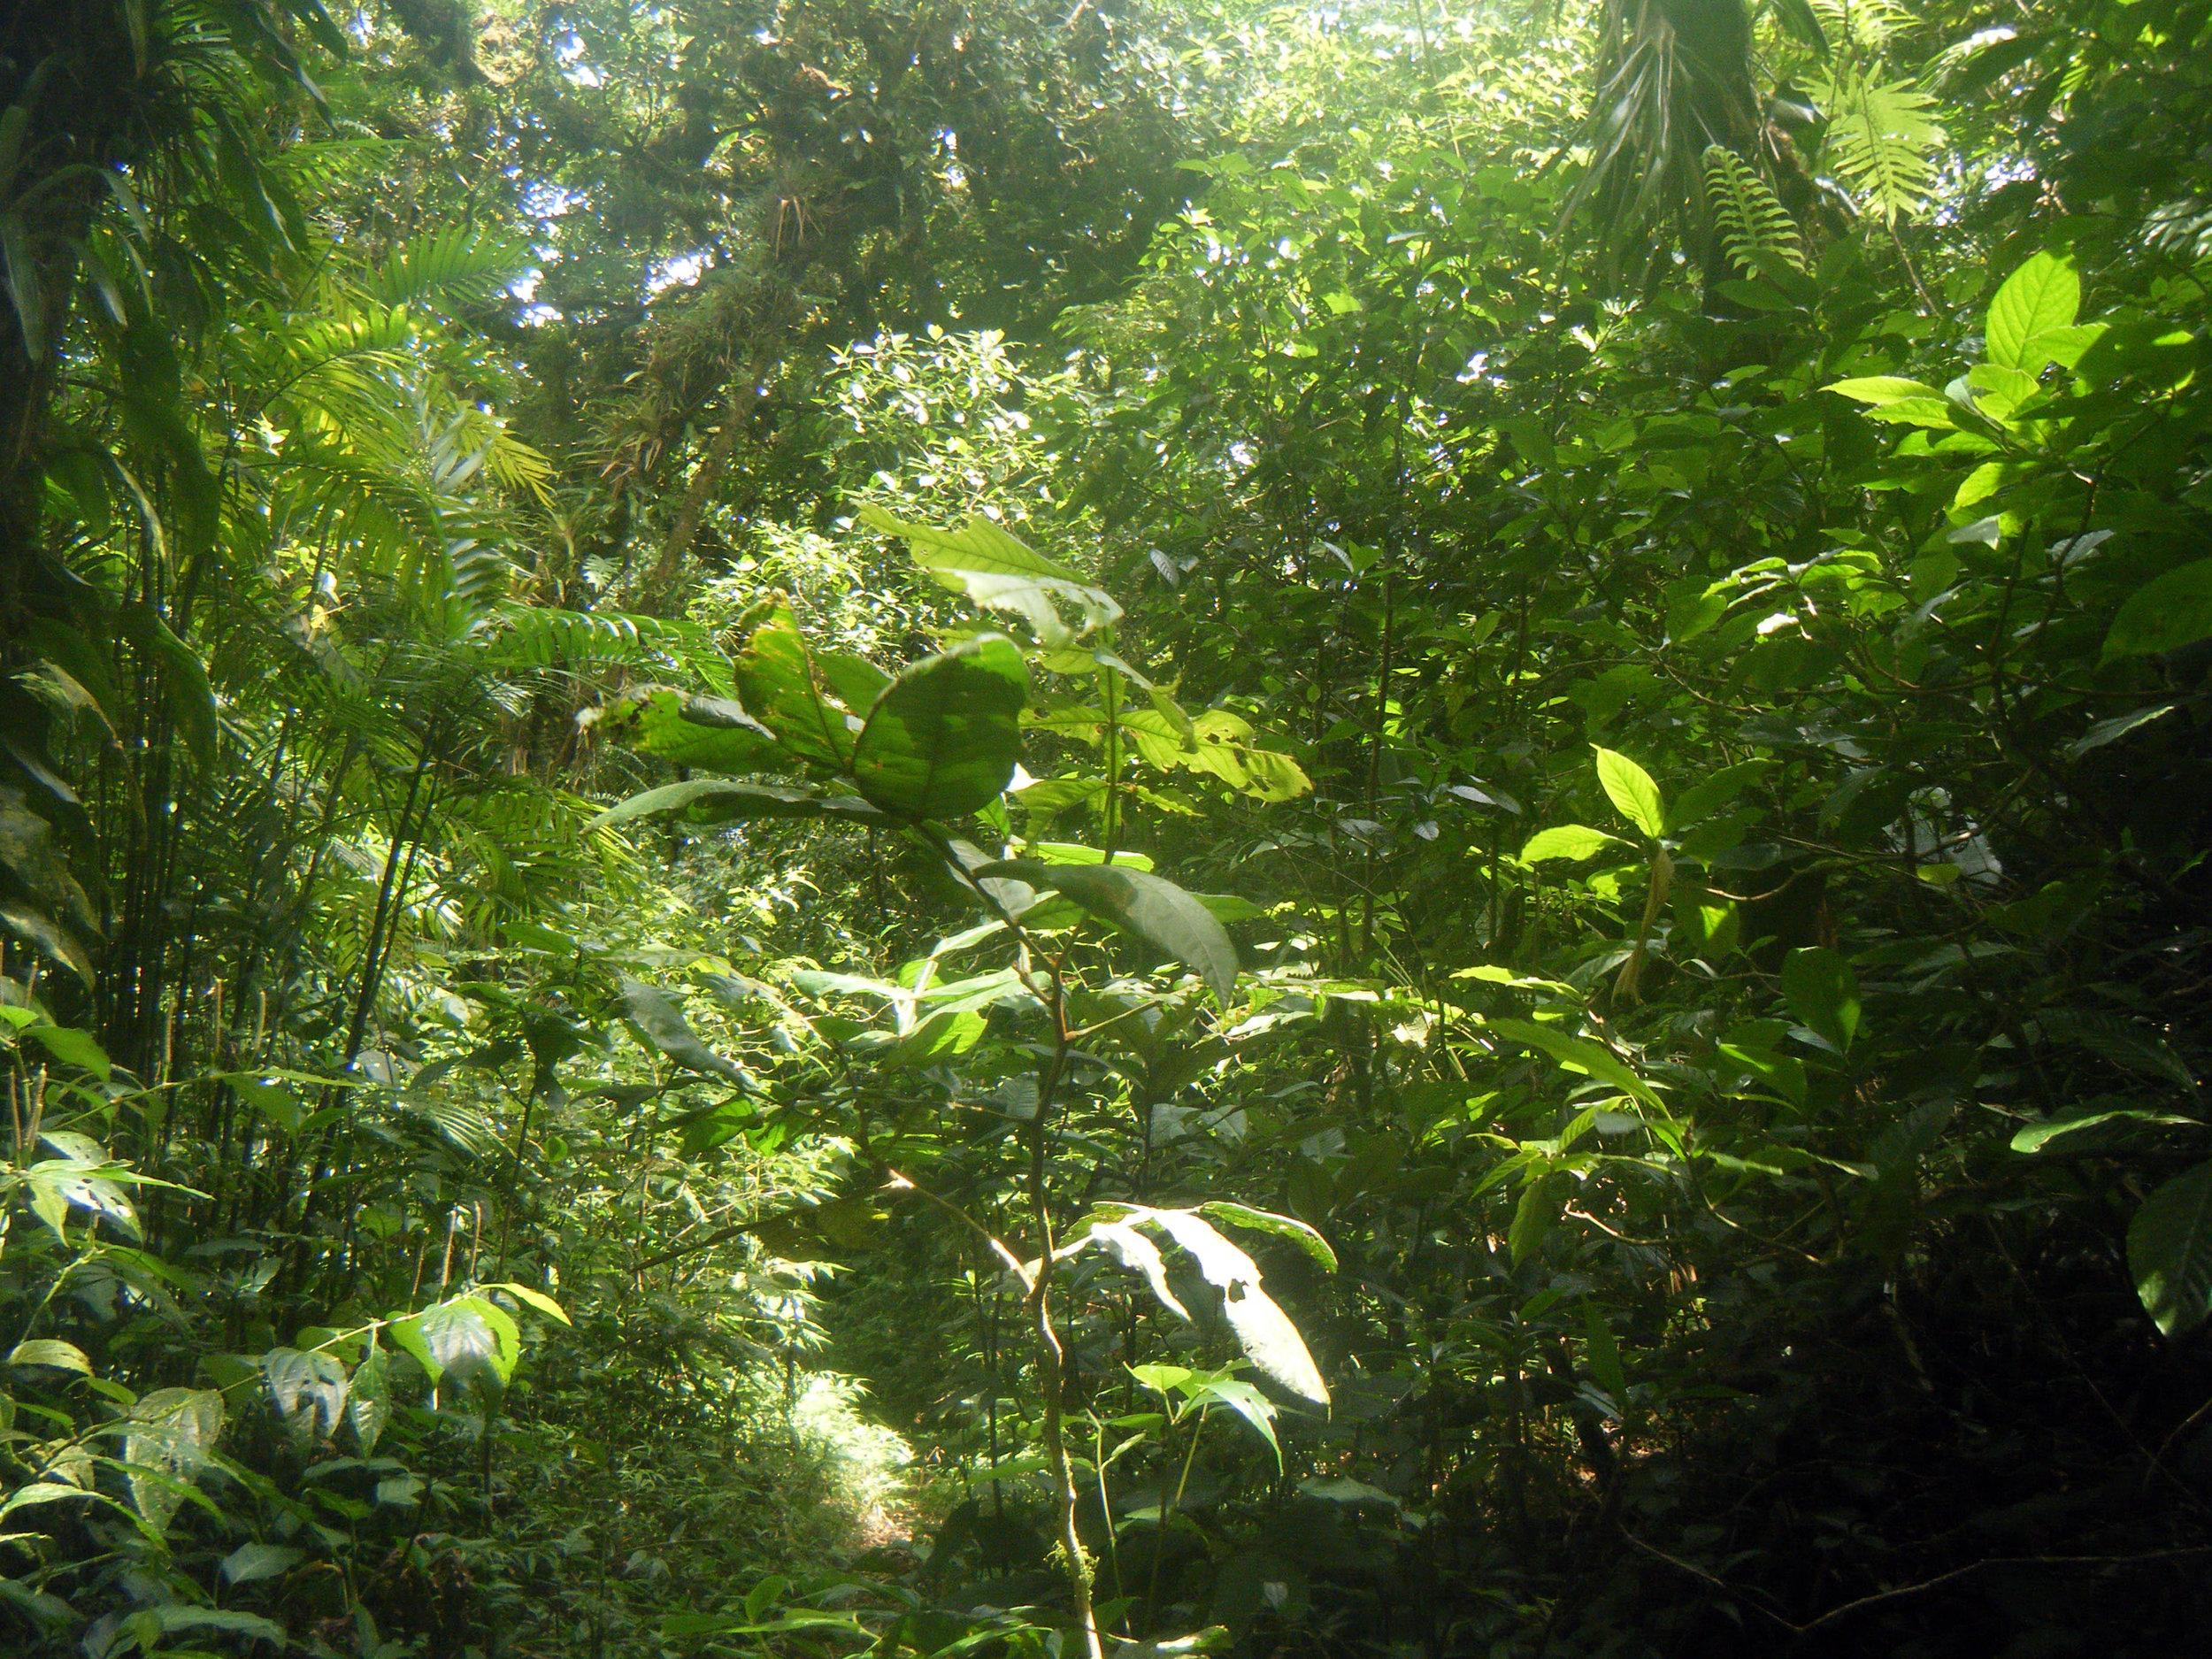 la selva.jpg